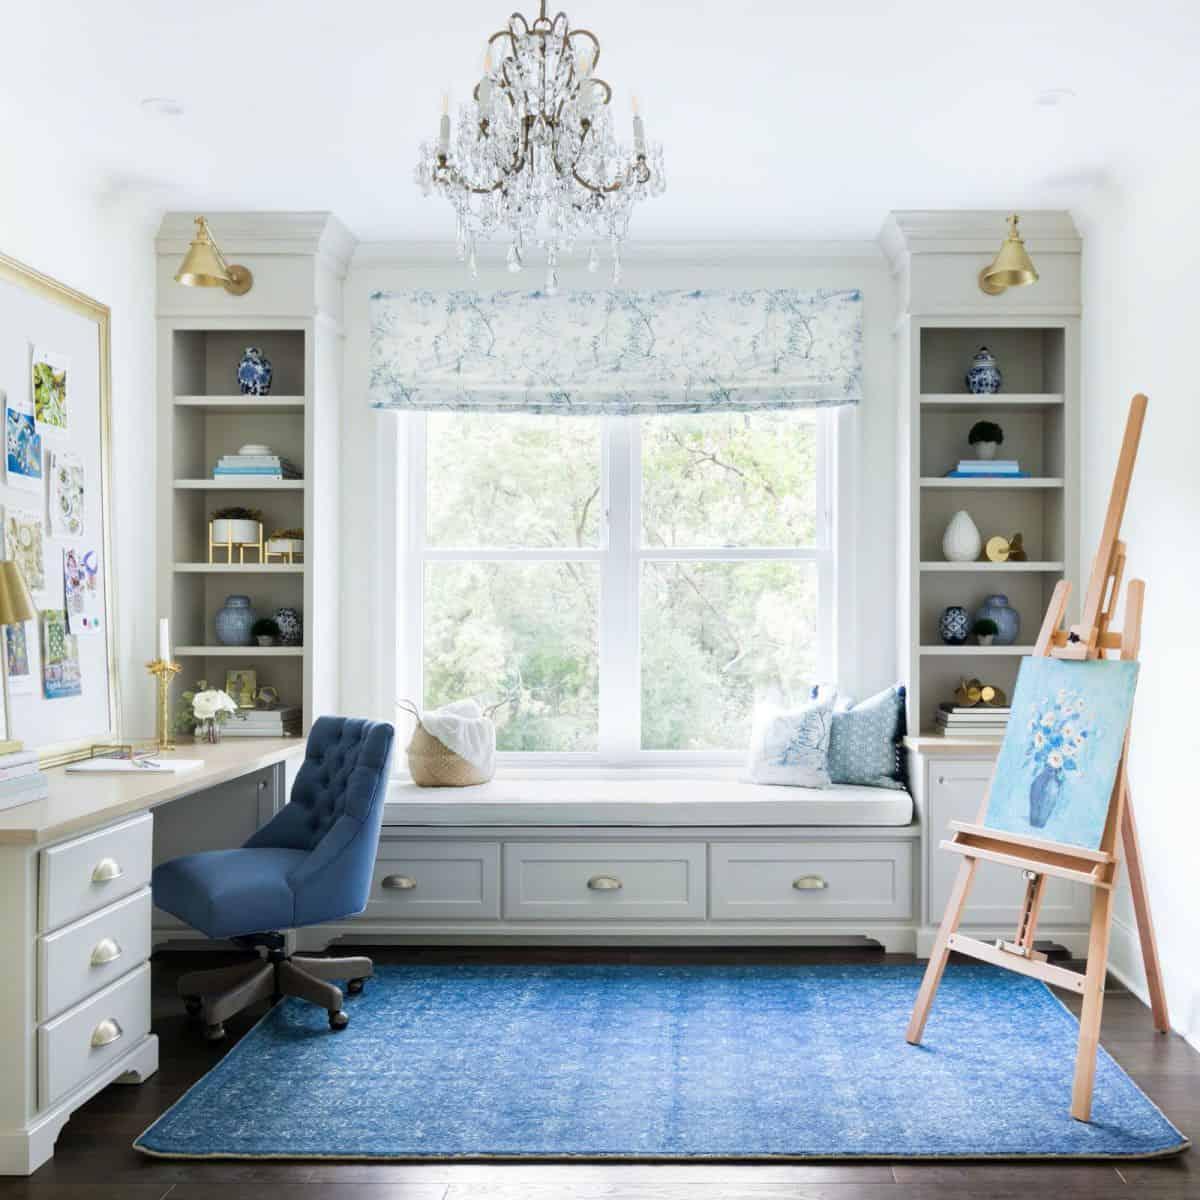 bureau-maison-traditionnel-art-salle